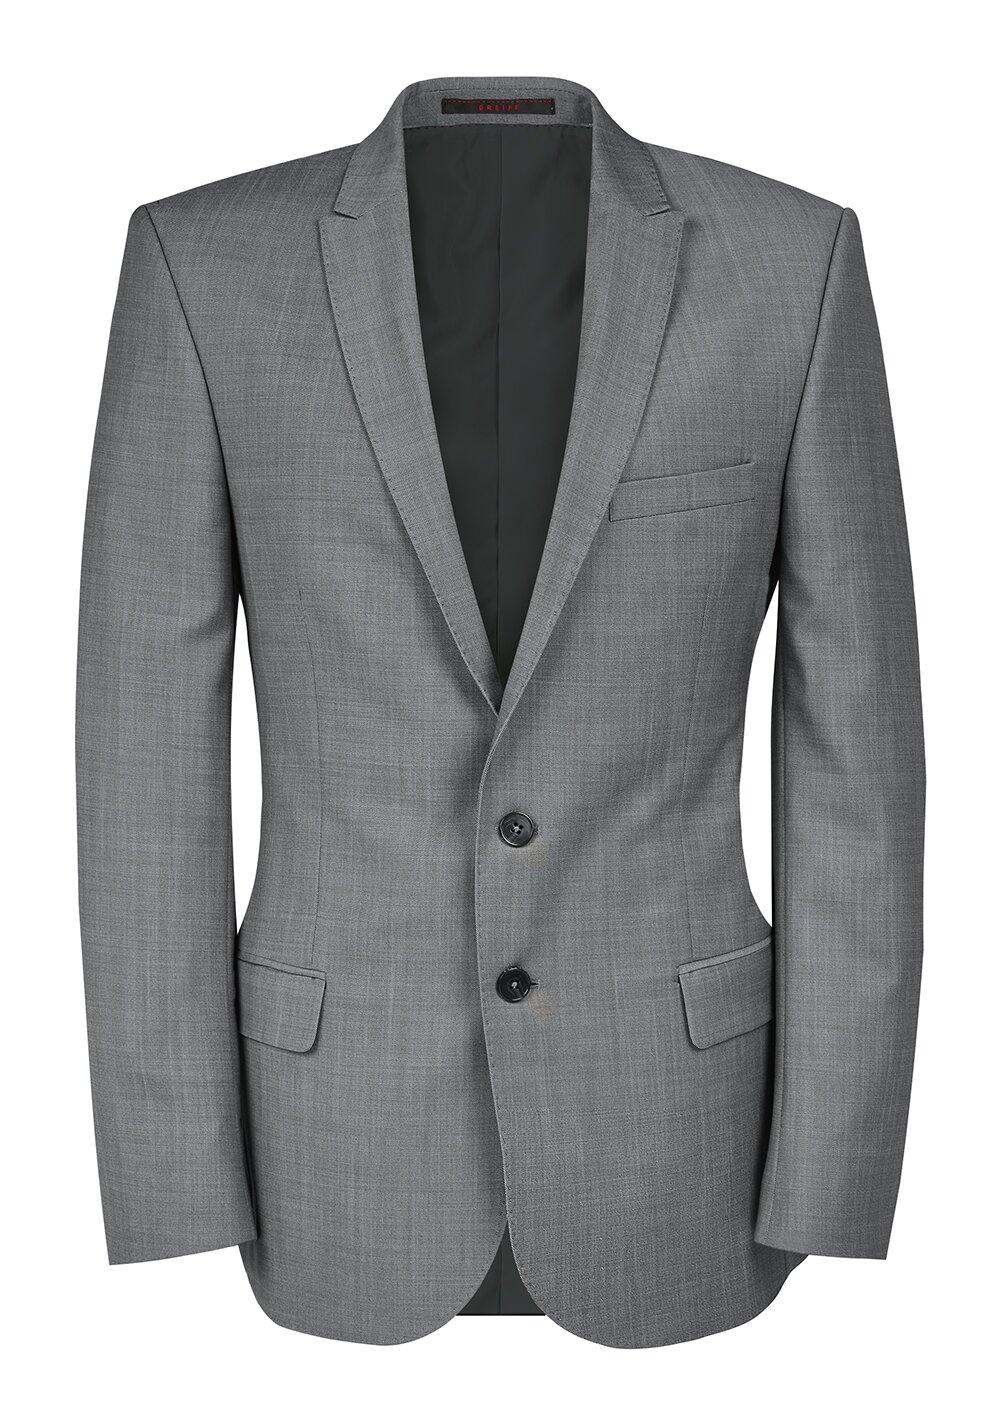 Veste homme gris claire